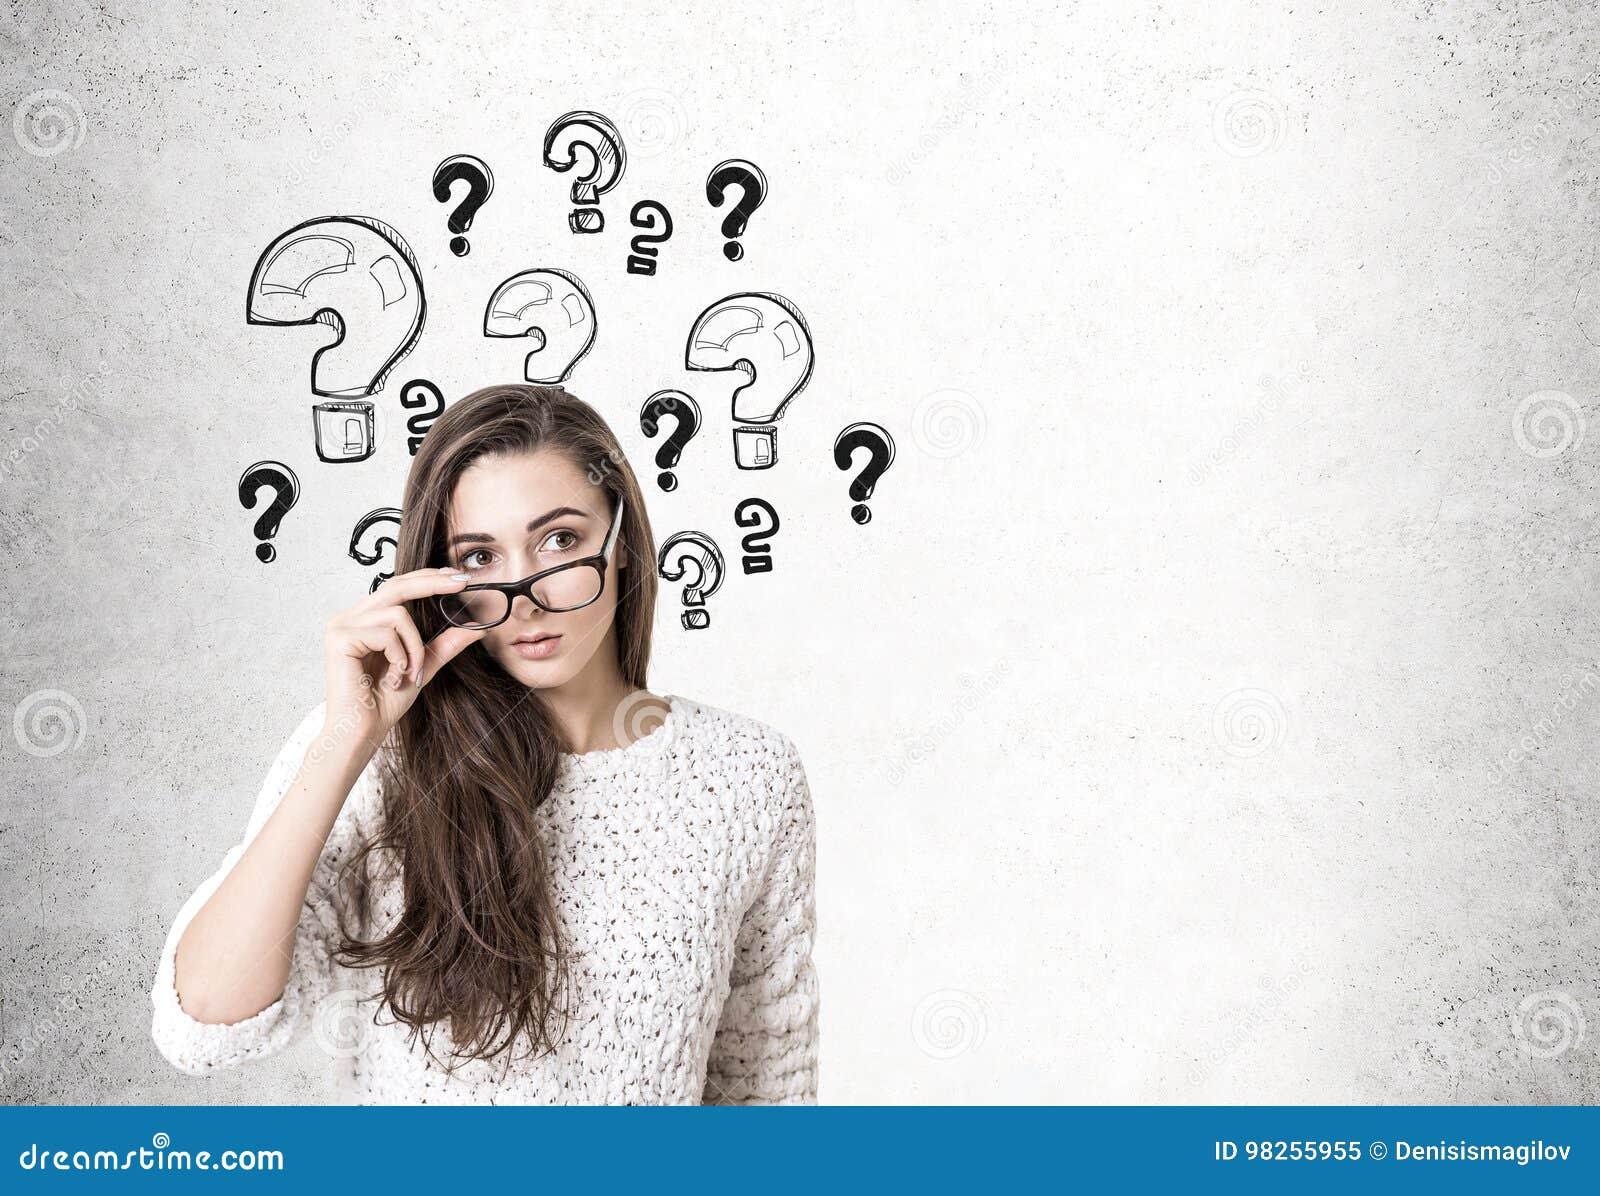 Νέα γυναίκα που βγάζει τα γυαλιά, ερωτηματικά